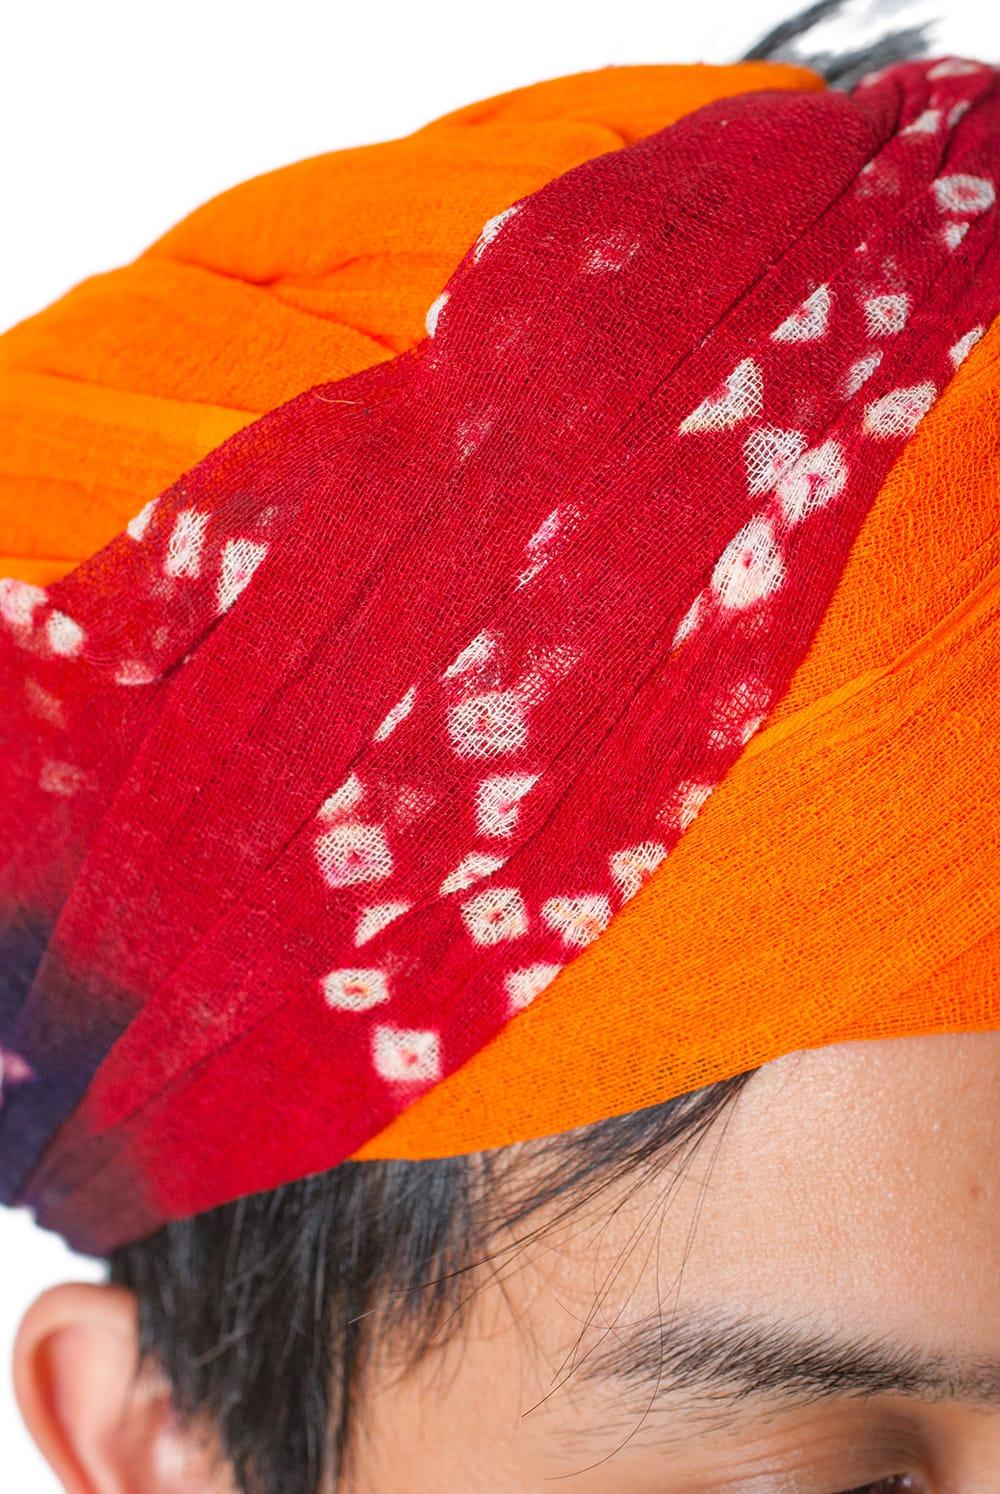 インド人になれる!ラジャスタンの本格ターバン 4 - バンディニと呼ばれる独特の染模様が素敵です。